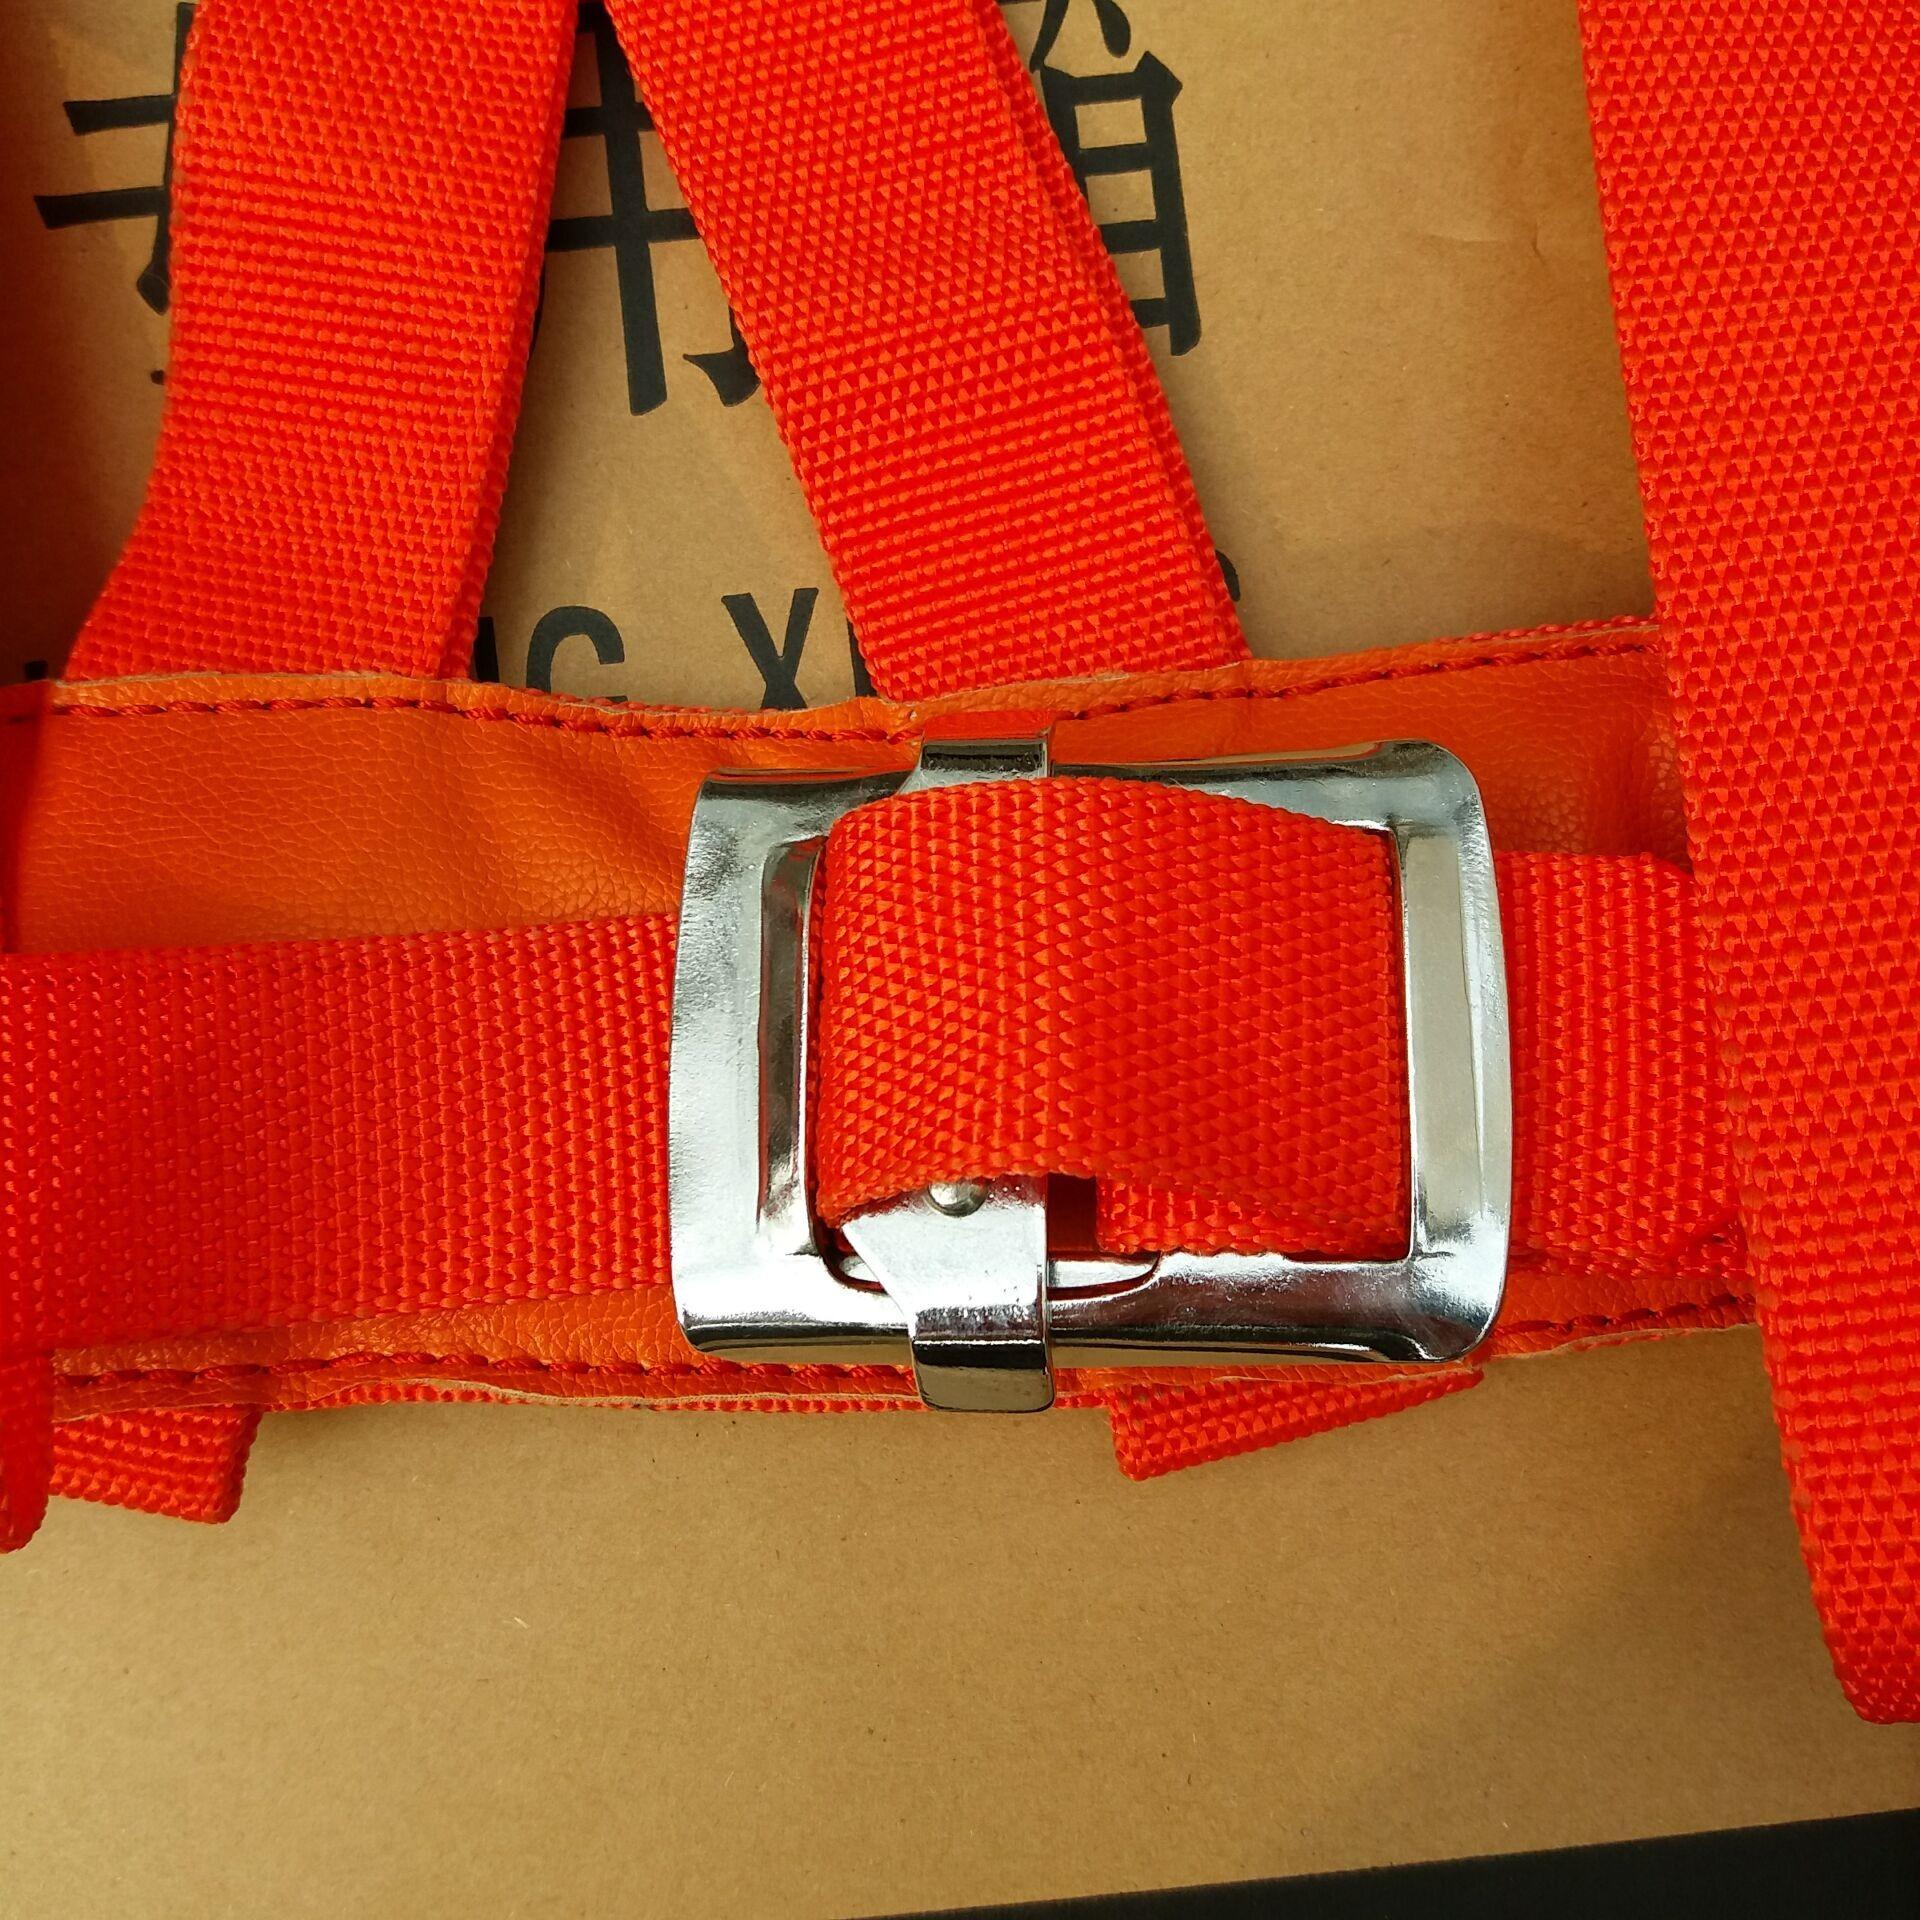 消防防墜落安全帶 阻燃耐磨安全帶 全身安全帶 五點式安全帶